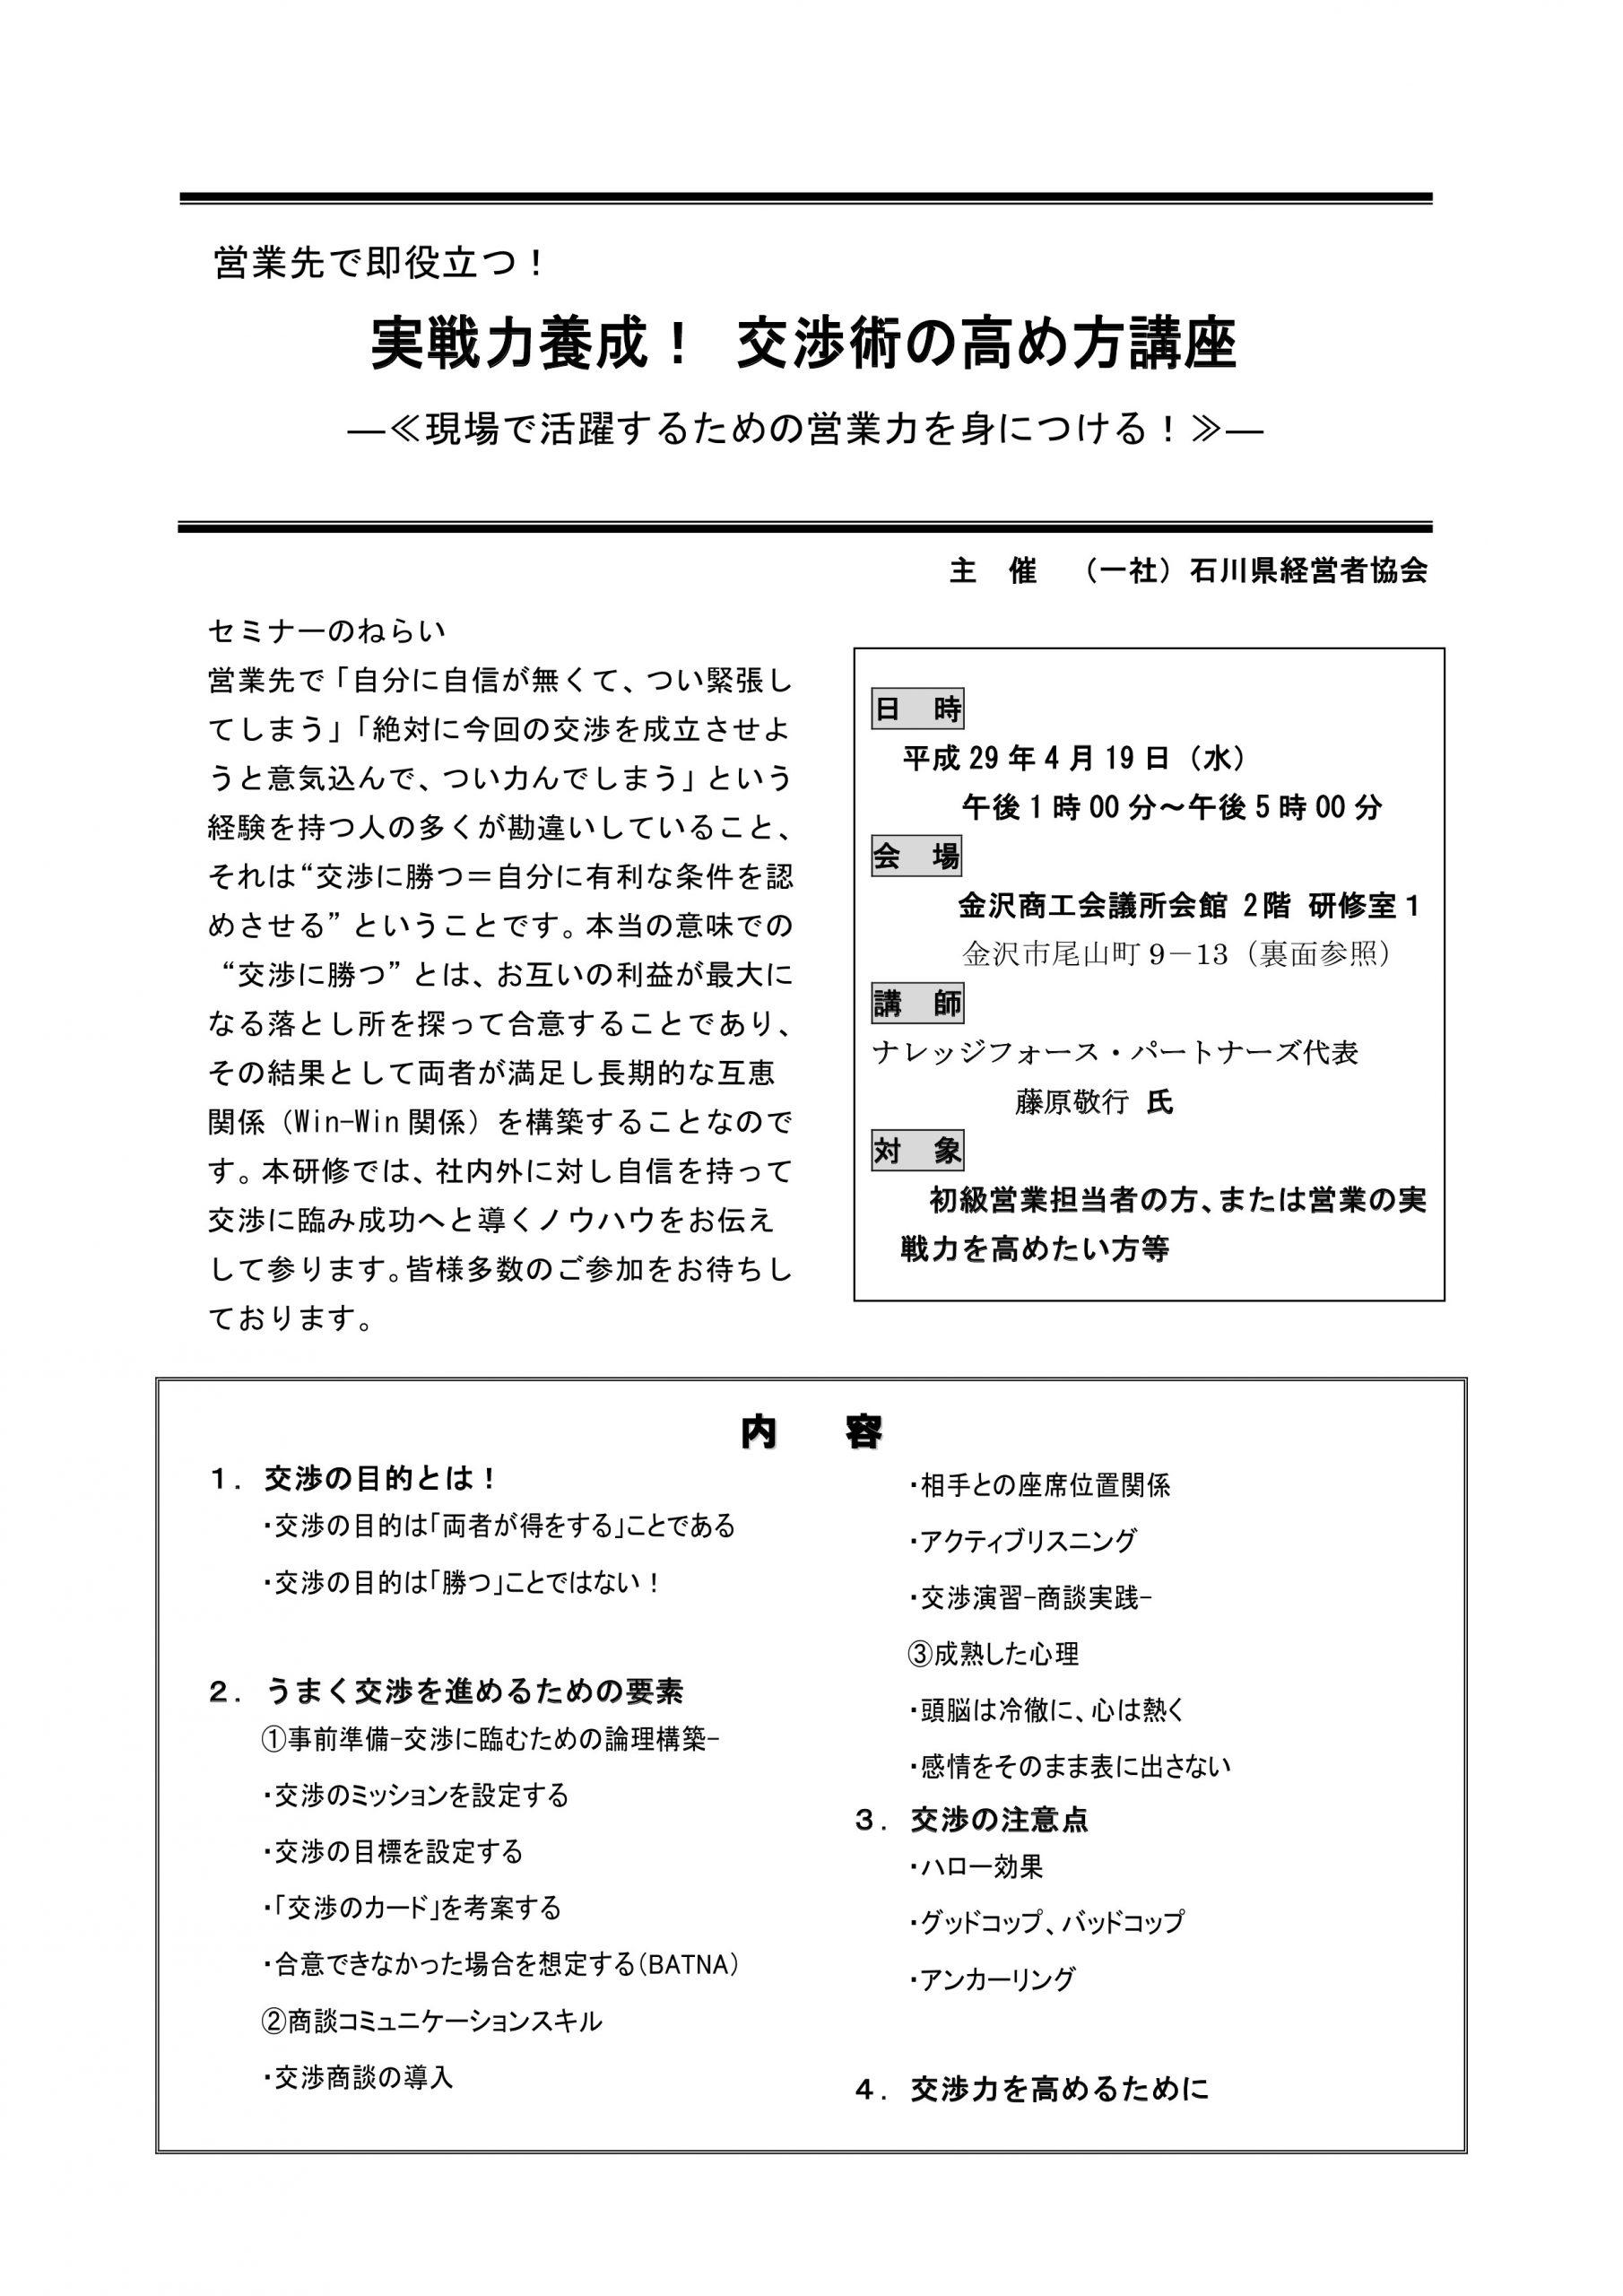 2017年4月19日                                    (水)                                      石川県経営者協会 主催                                     「実戦力養成!,交渉術の高め方講座」                                     セミナーチラシ